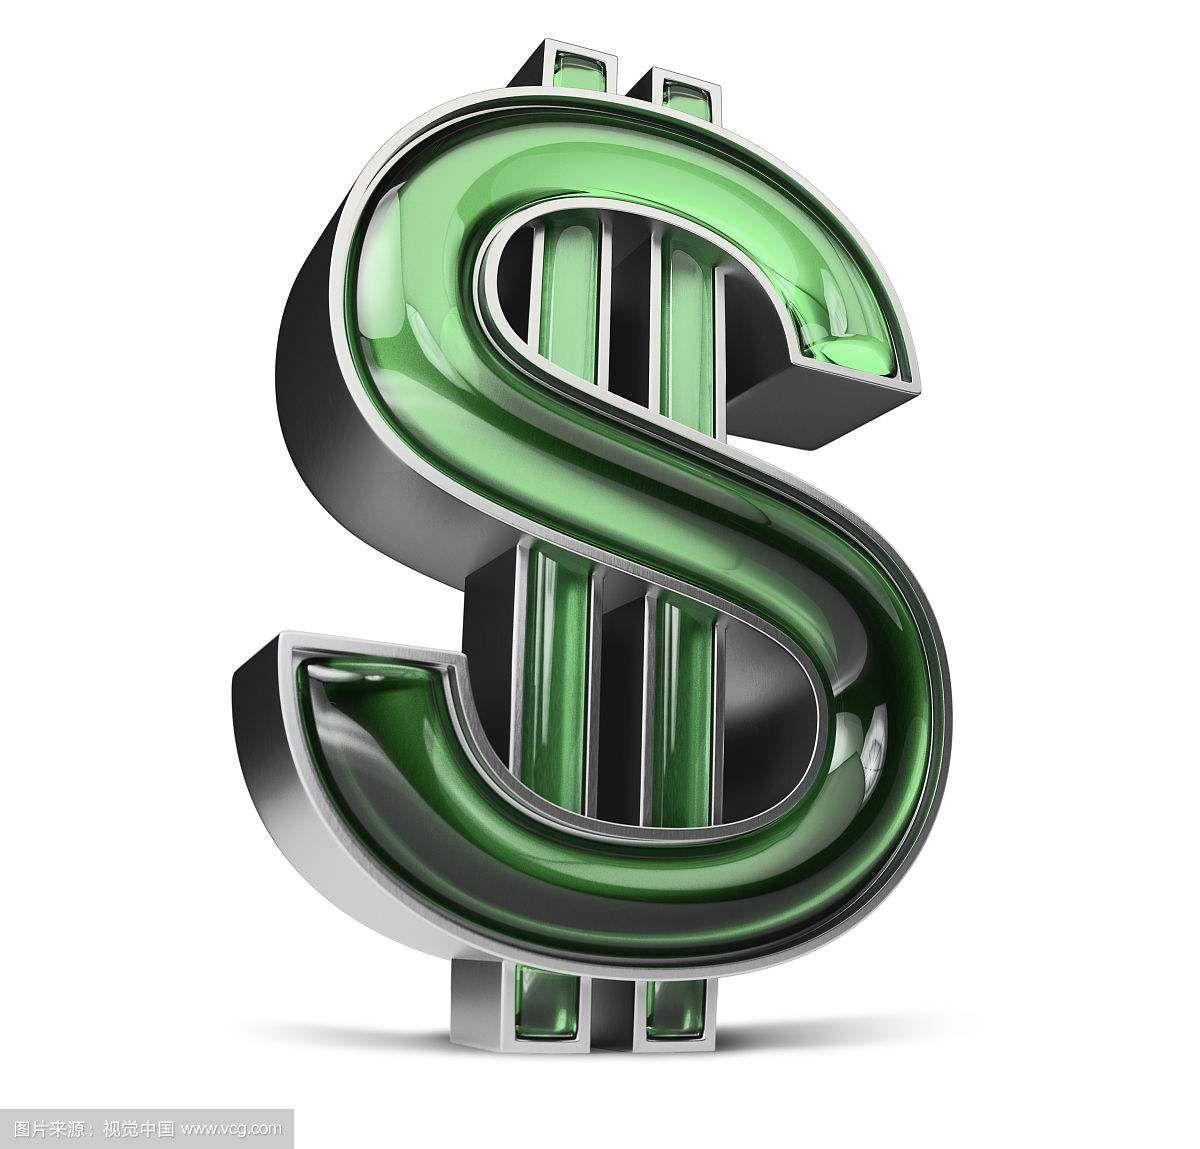 Ссылки на оплату для покупки клиентов, могут уйти, смотреть заказы на увеличенные ценовые разницы, часы Заказать Добавить DHL EMS Грузовой автомобиль